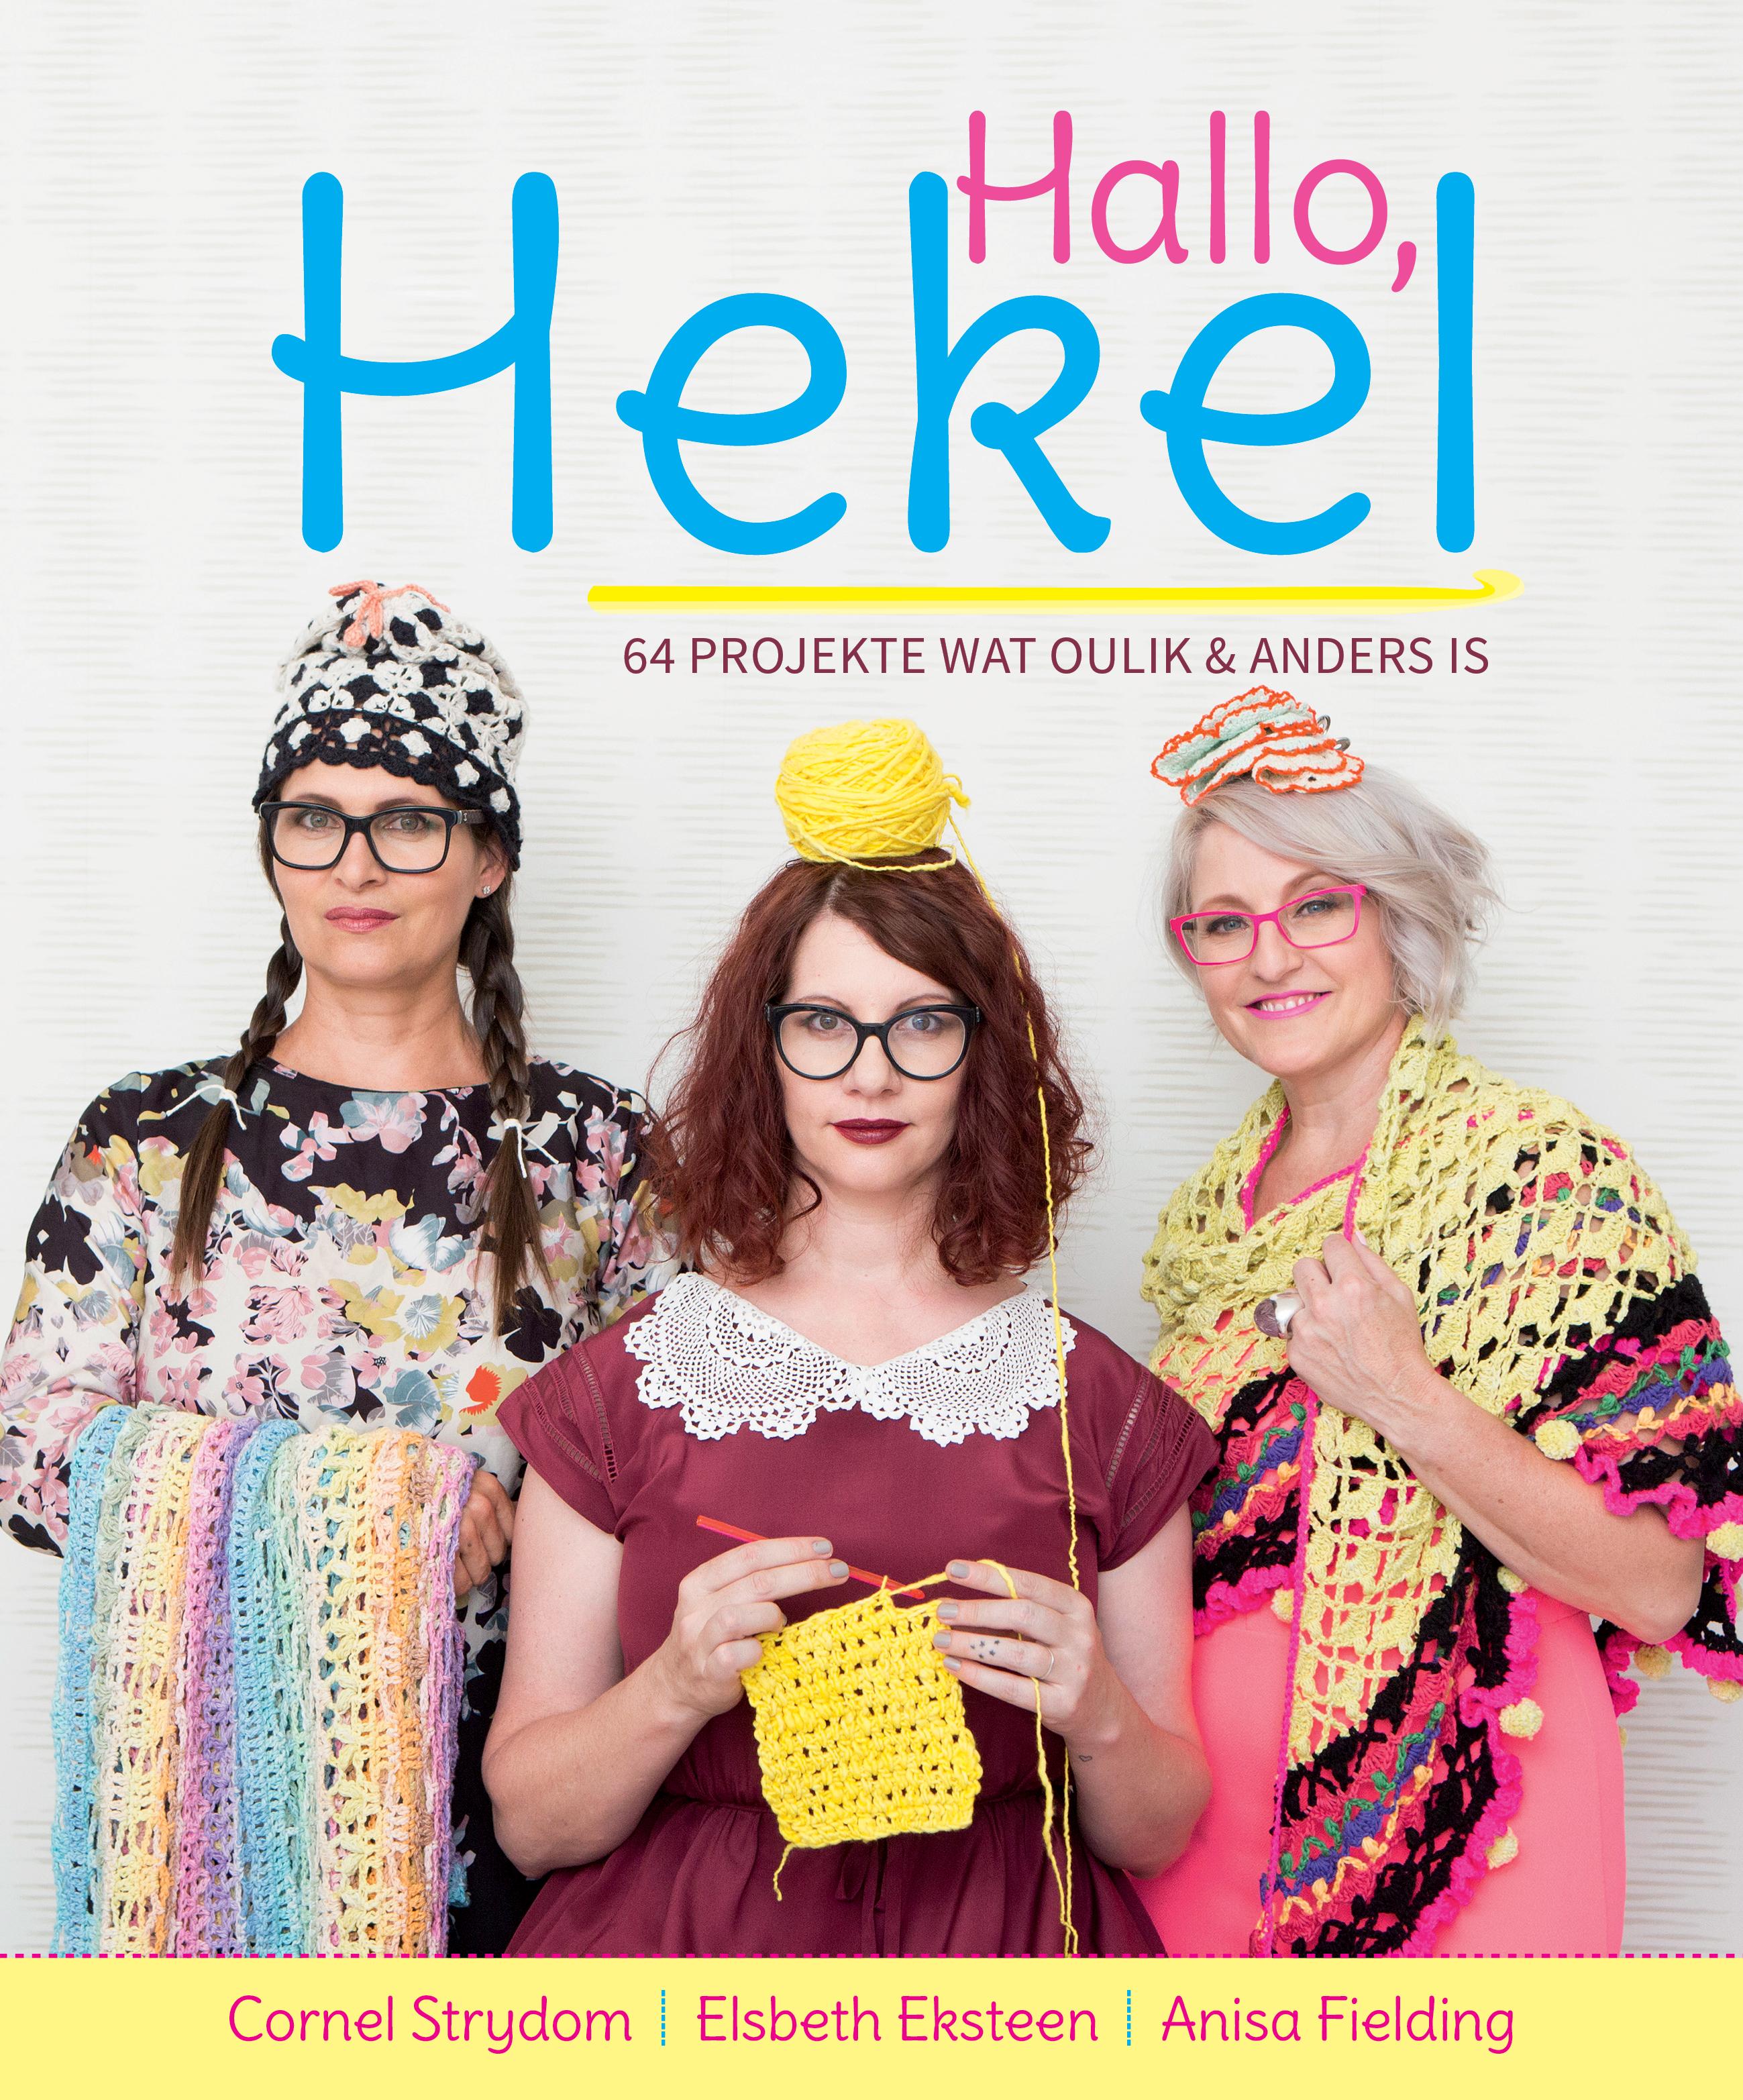 Picture of Hallo, hekel